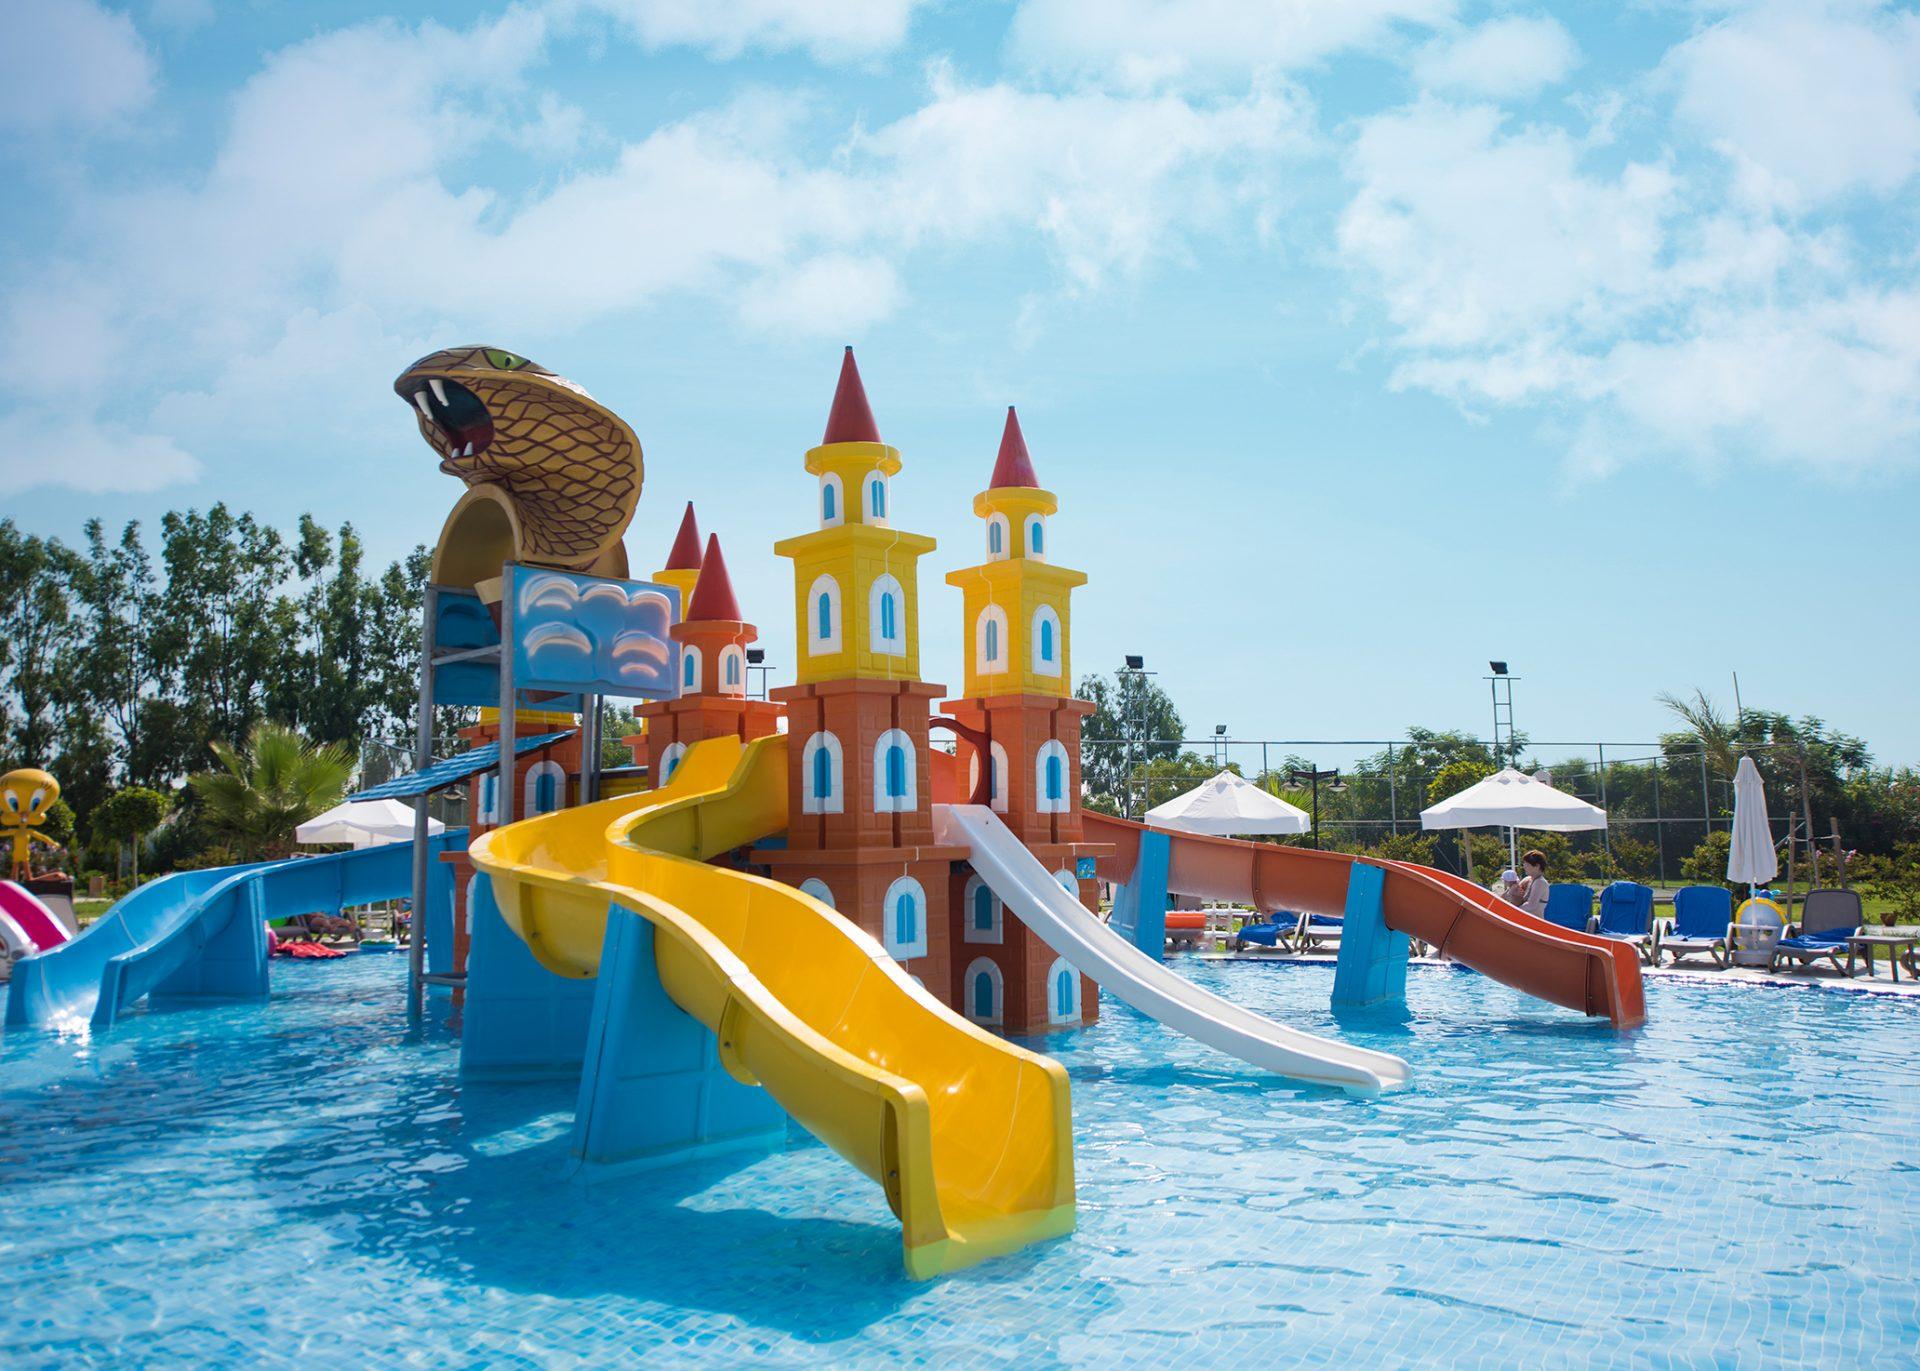 Aquapark6